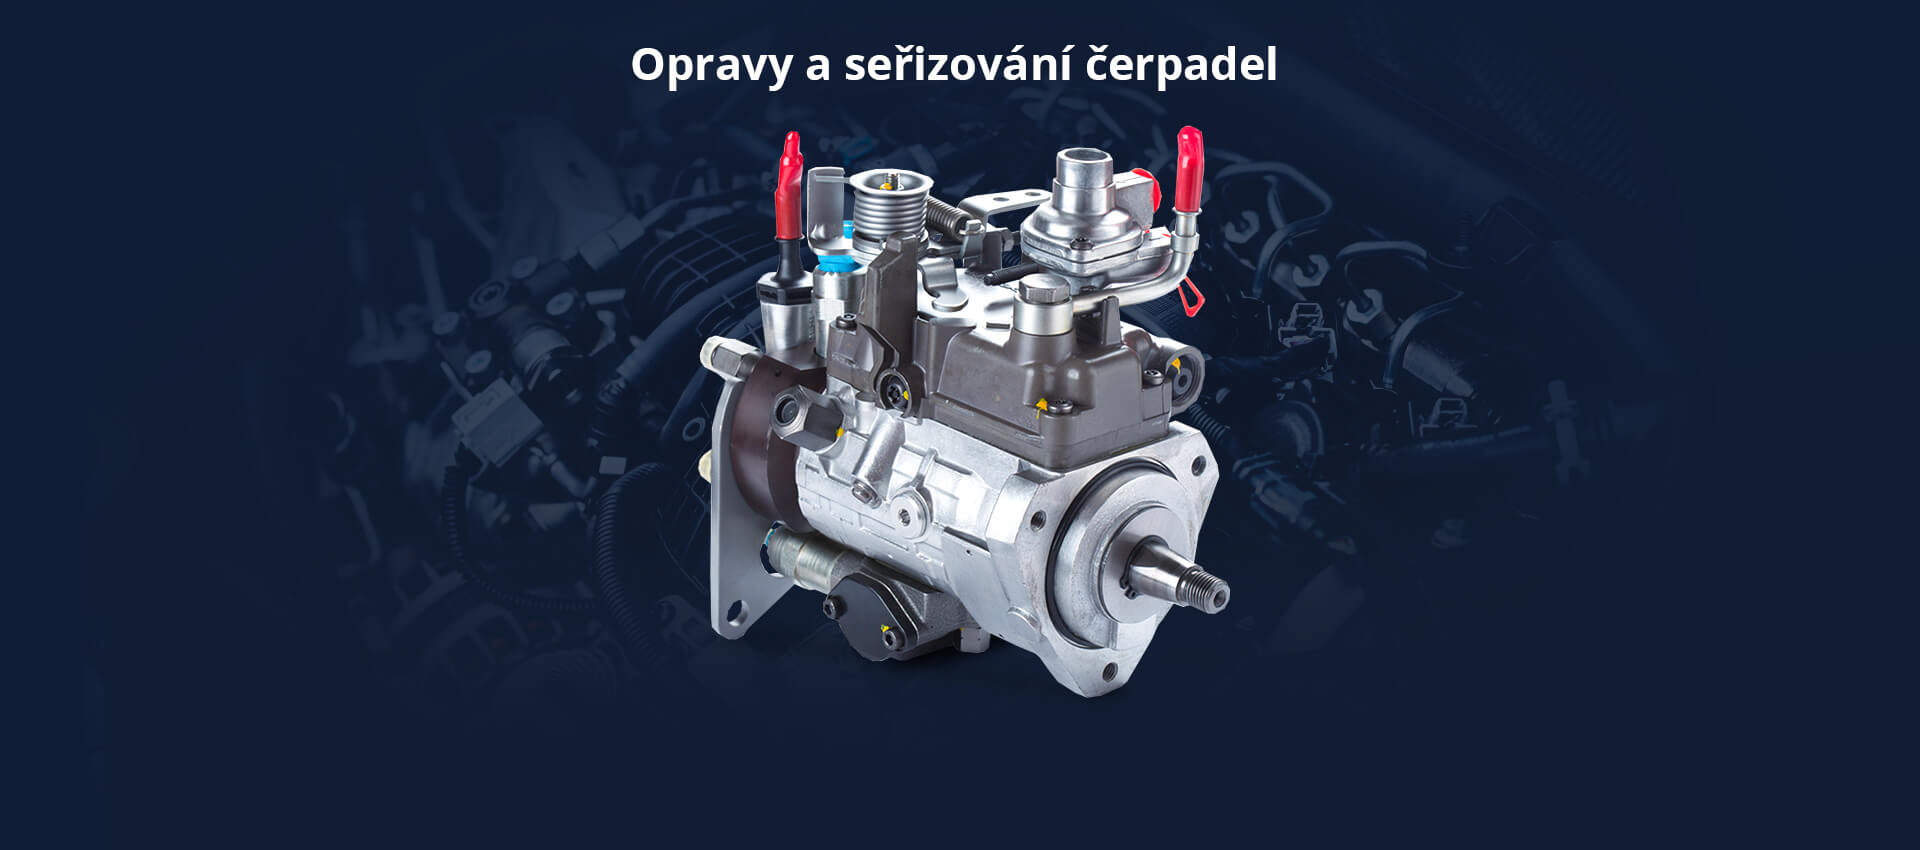 Opravy a seřizování čerpadel Autodiesel Laszák